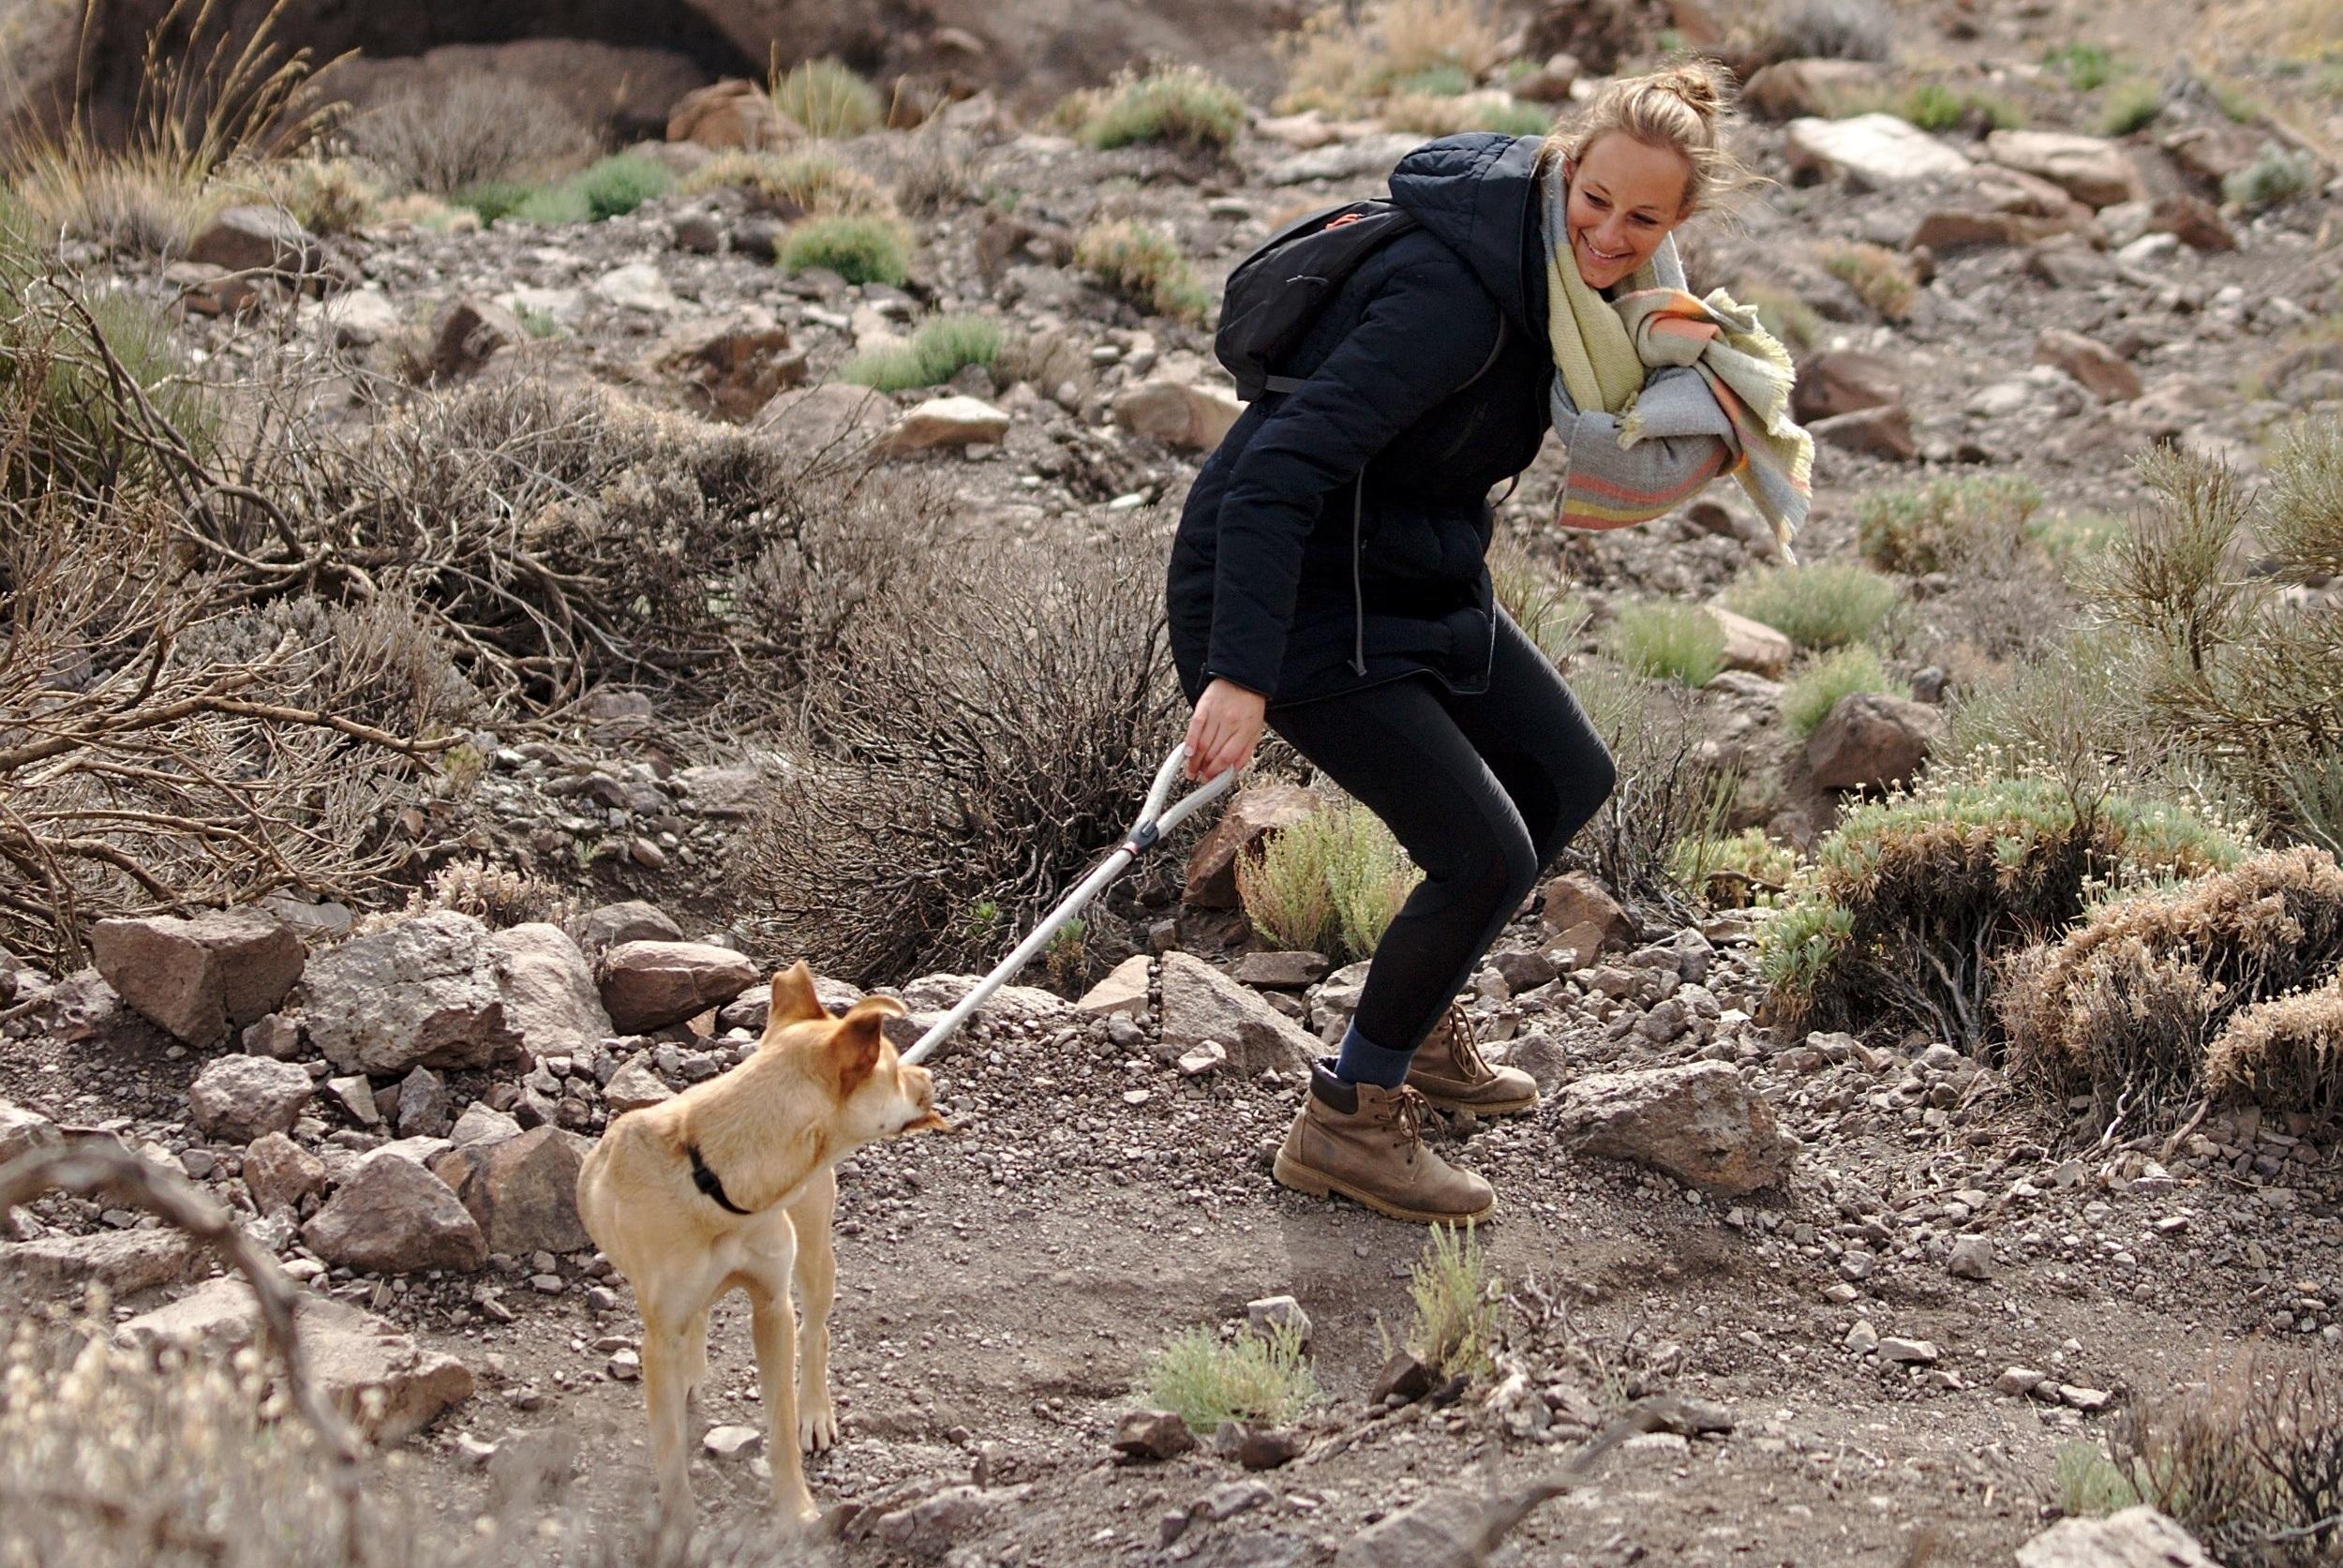 Anne and Lara @ el Teide - Photo by Novomonde